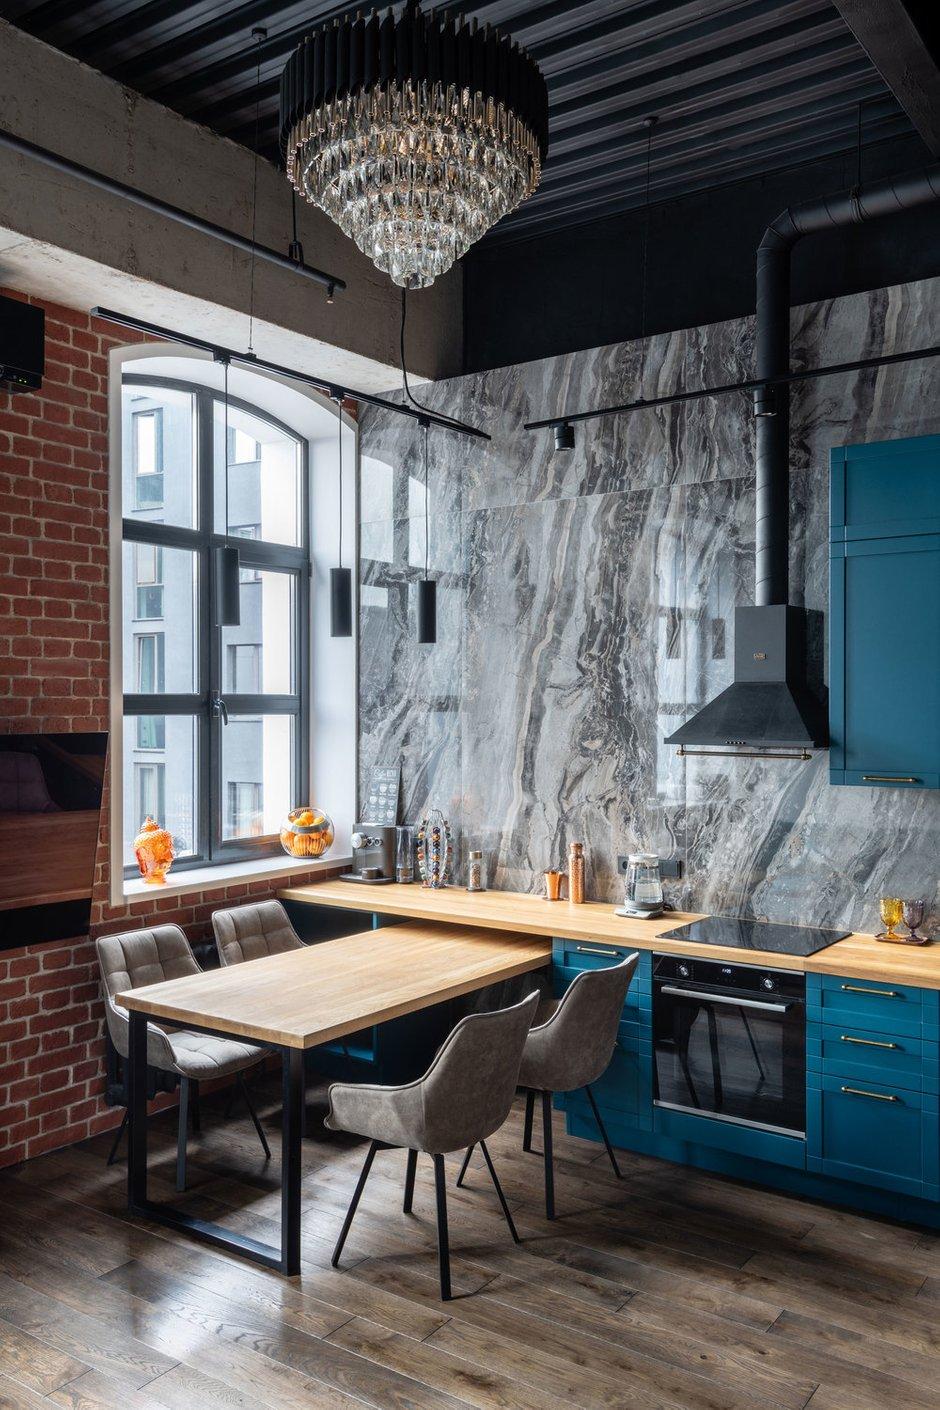 Фотография: Кухня и столовая в стиле Лофт, Квартира, Студия, Проект недели, Москва, Кирпичный дом, 40-60 метров, Юлия Сологубова – фото на INMYROOM